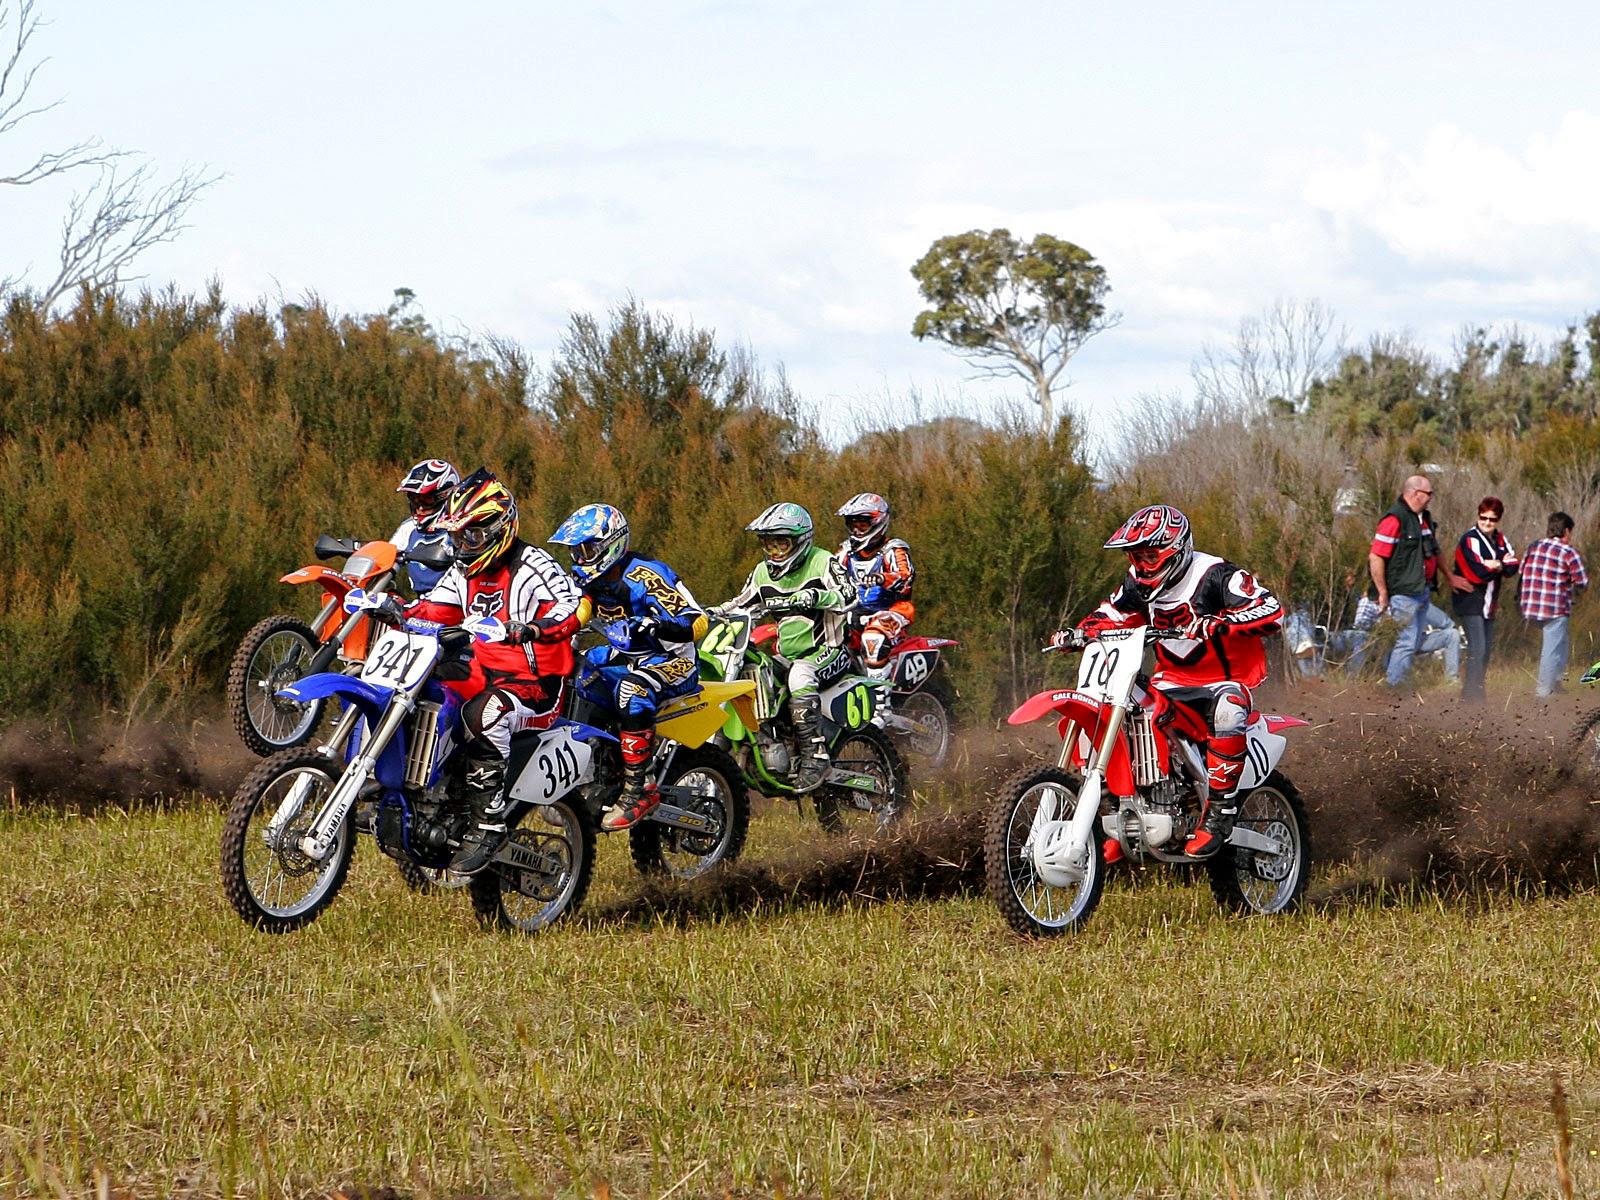 Moto x bikes, quads 11